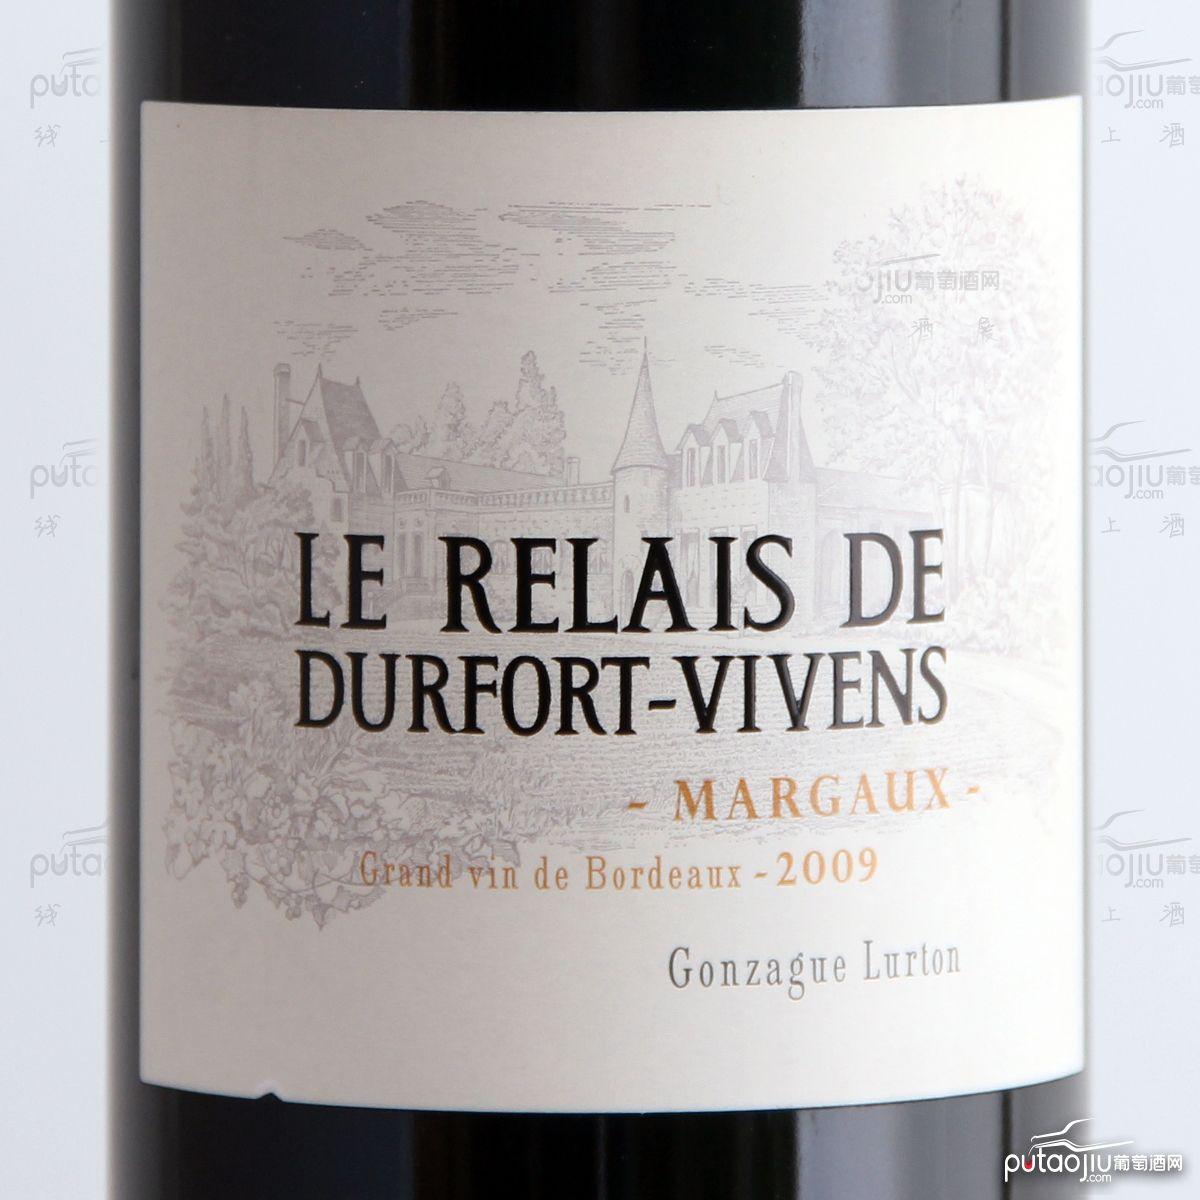 法国玛歌宫萨格卢顿酒庄小杜霍AOC法定产区干红葡萄酒